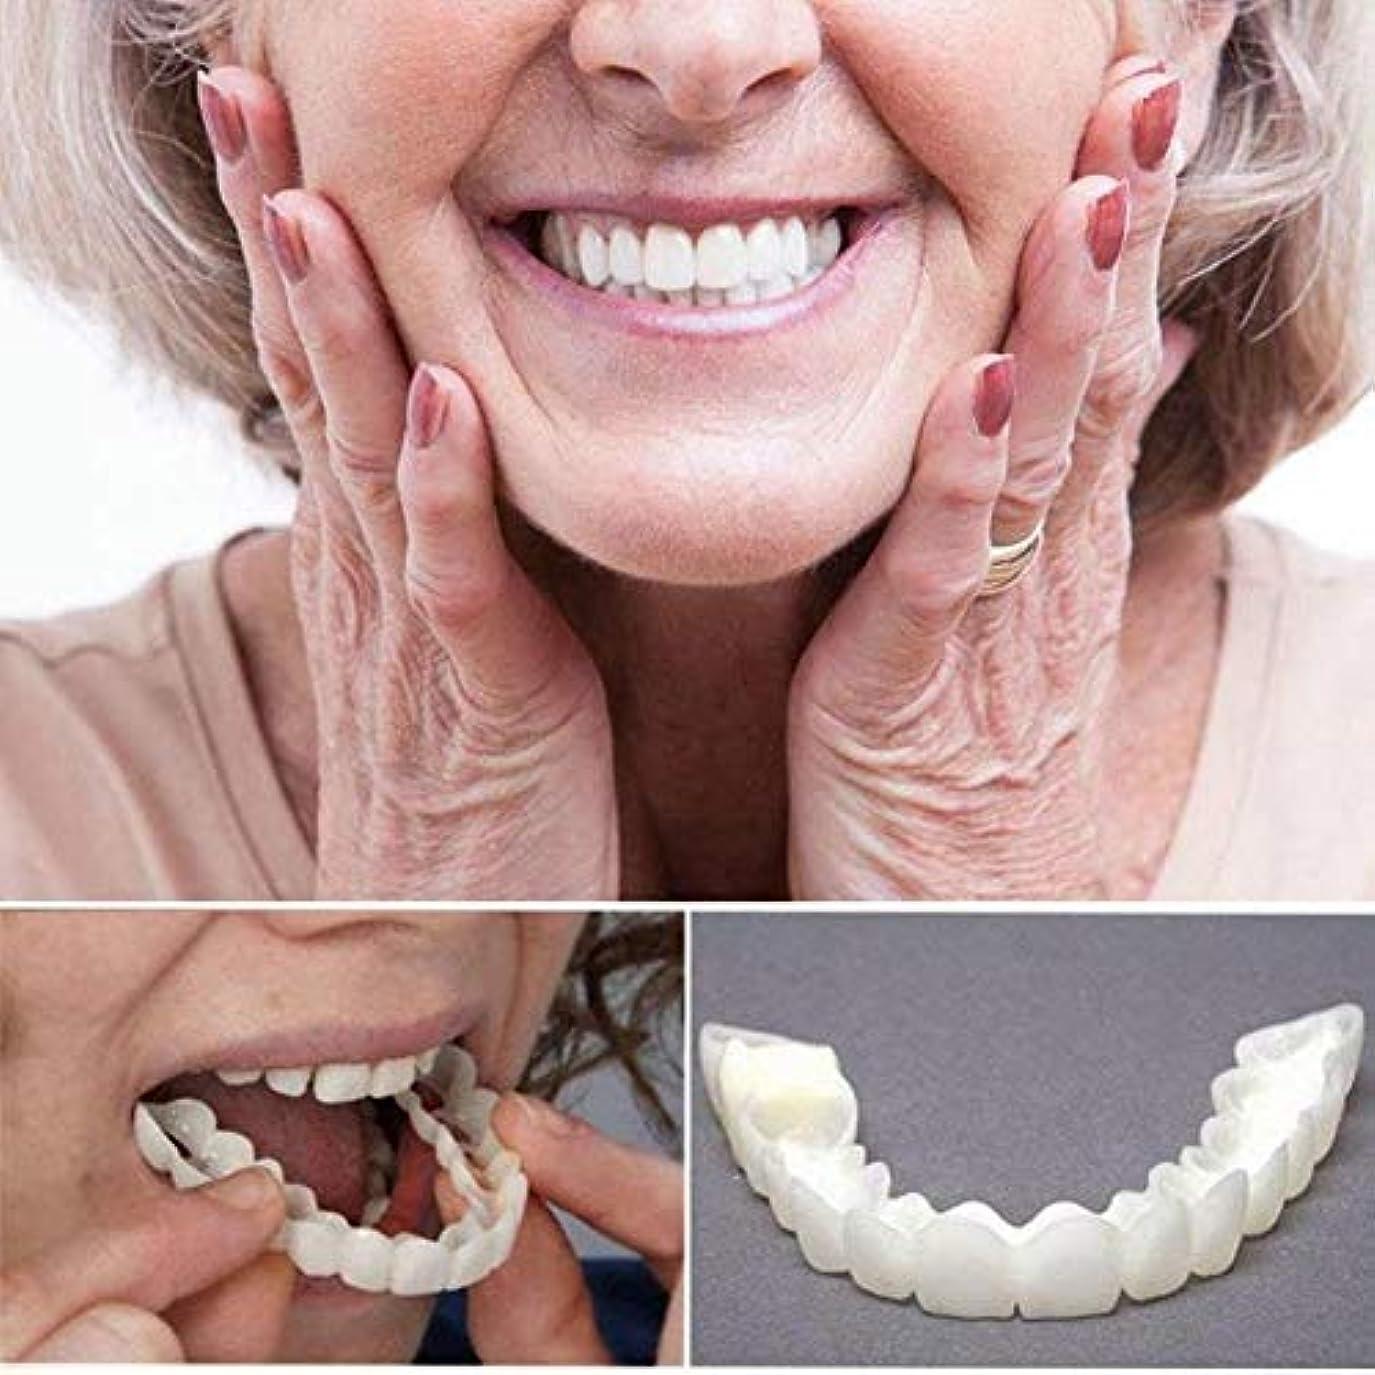 5セット、白い歯をきれいにするコンフォートフィットフレックス歯ソケット、化粧用歯、超快適、快適フィット